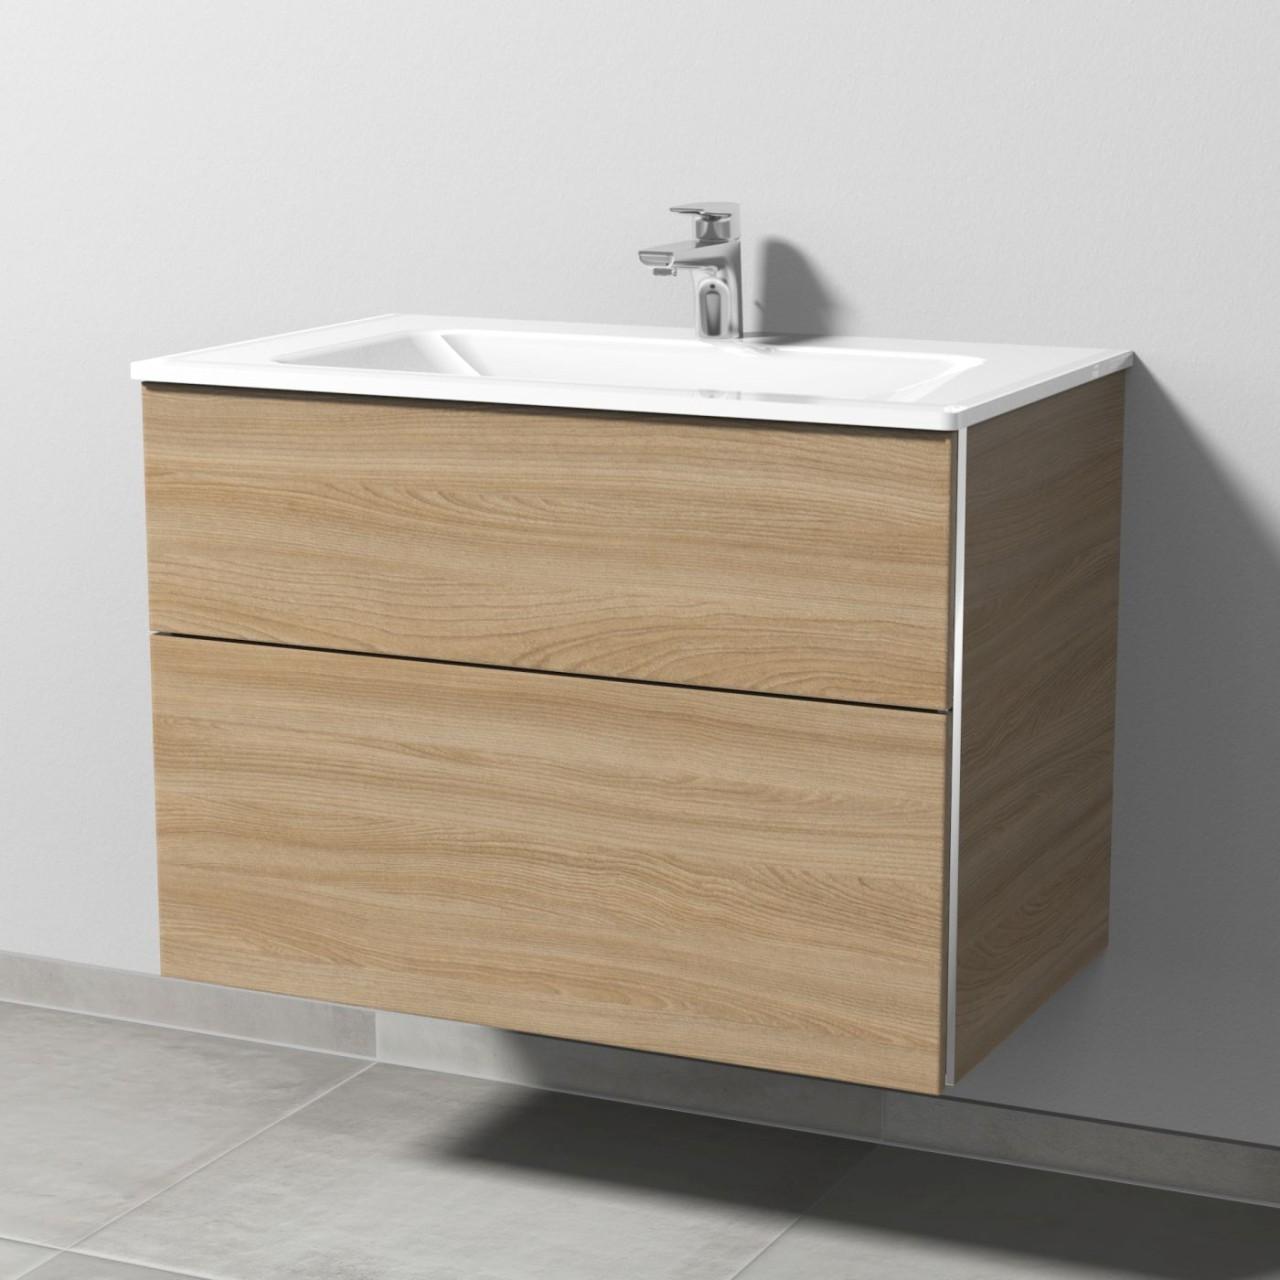 baumarktartikel von sanipa g nstig online kaufen bei. Black Bedroom Furniture Sets. Home Design Ideas